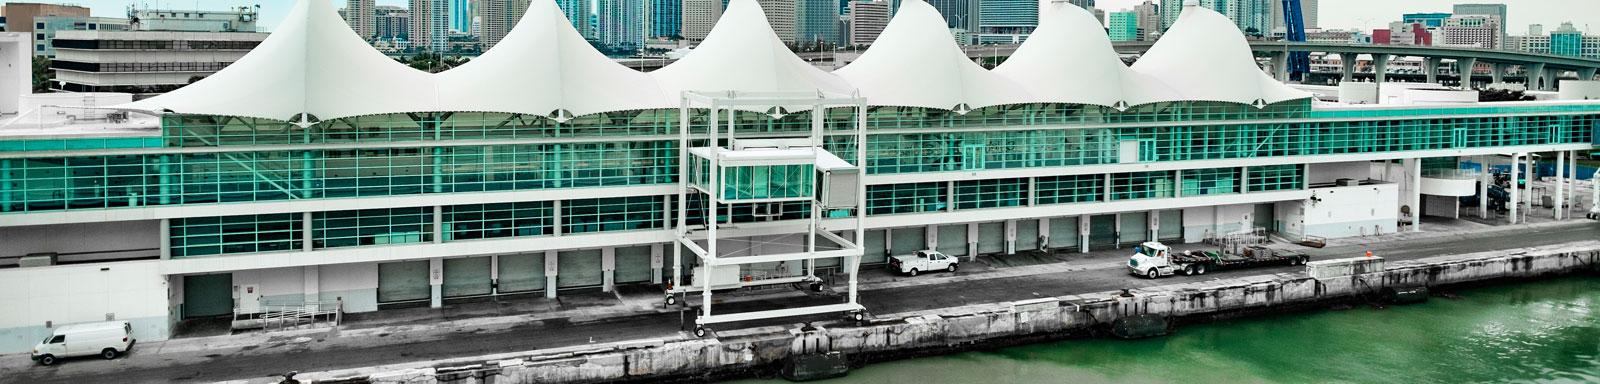 Port of Miami Cruise Ship Terminalin Florida